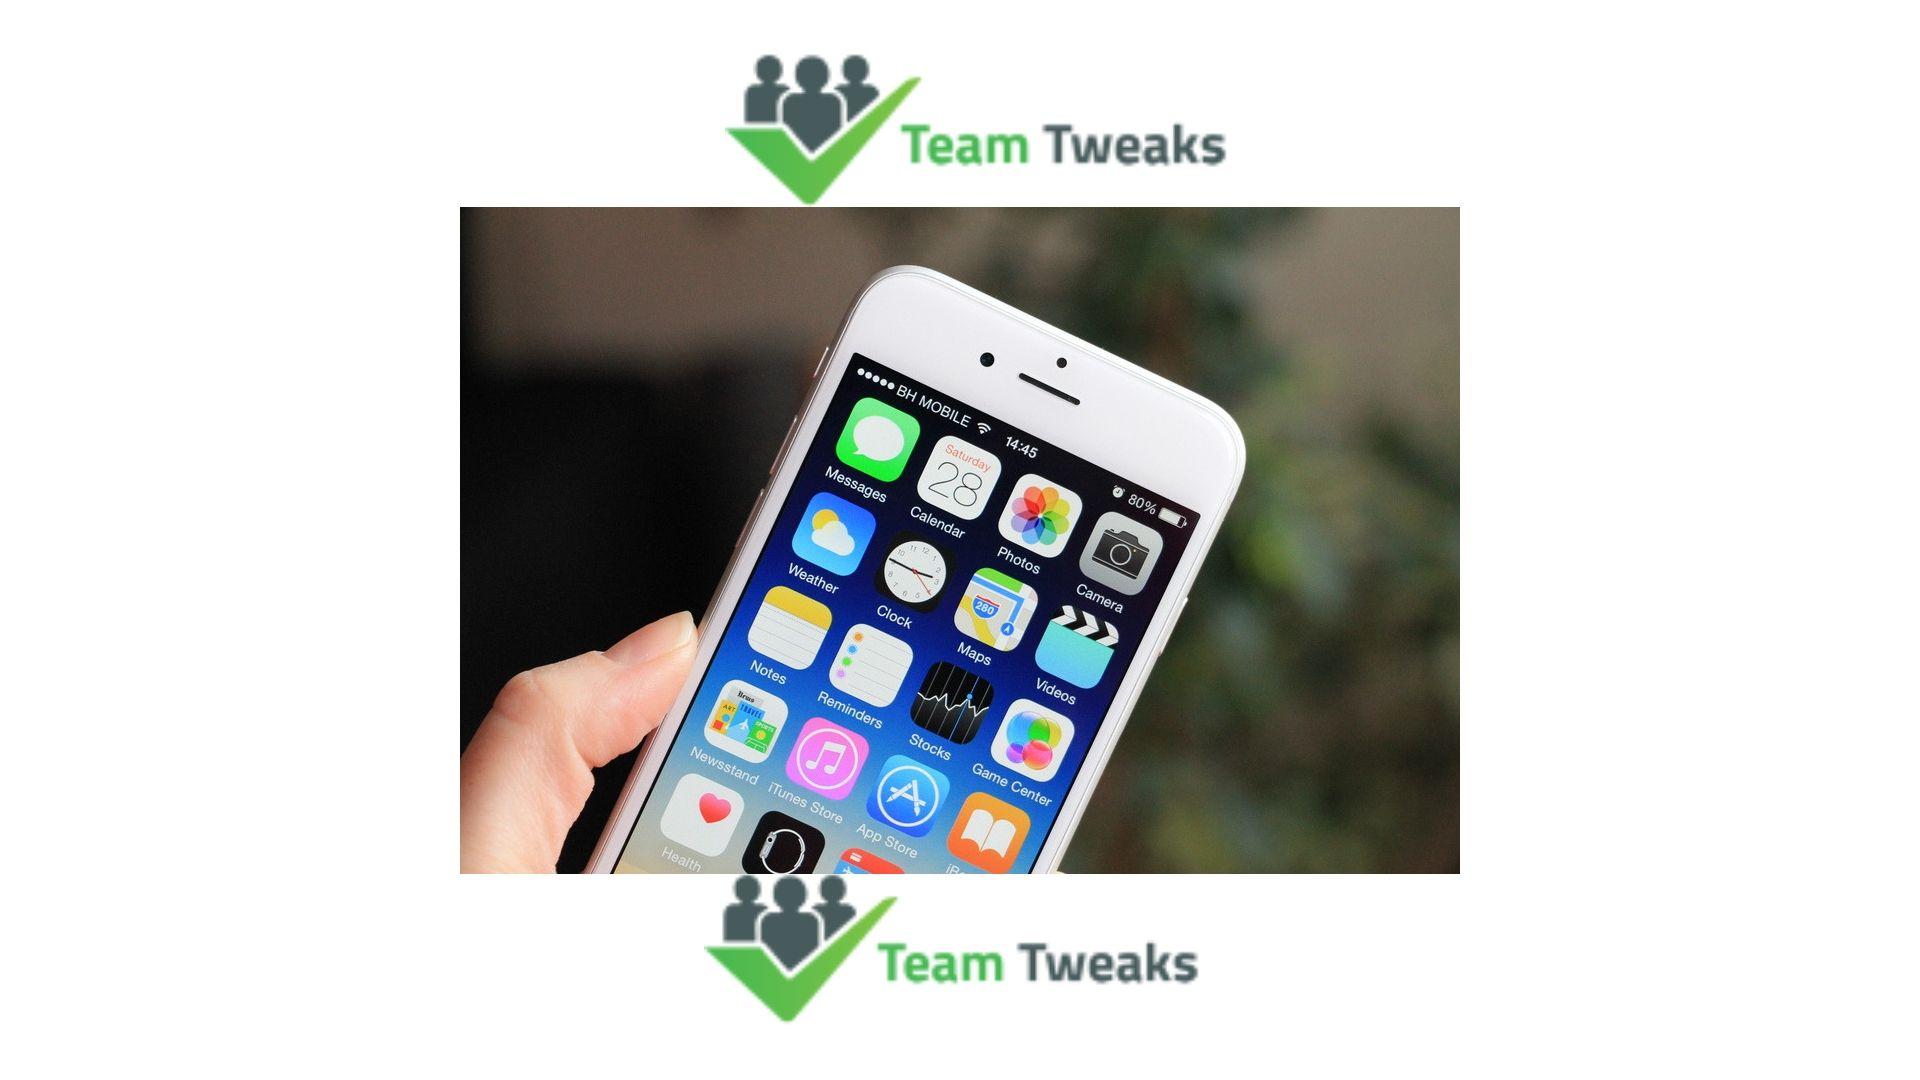 Team tweaks is one of the best Mobile app development